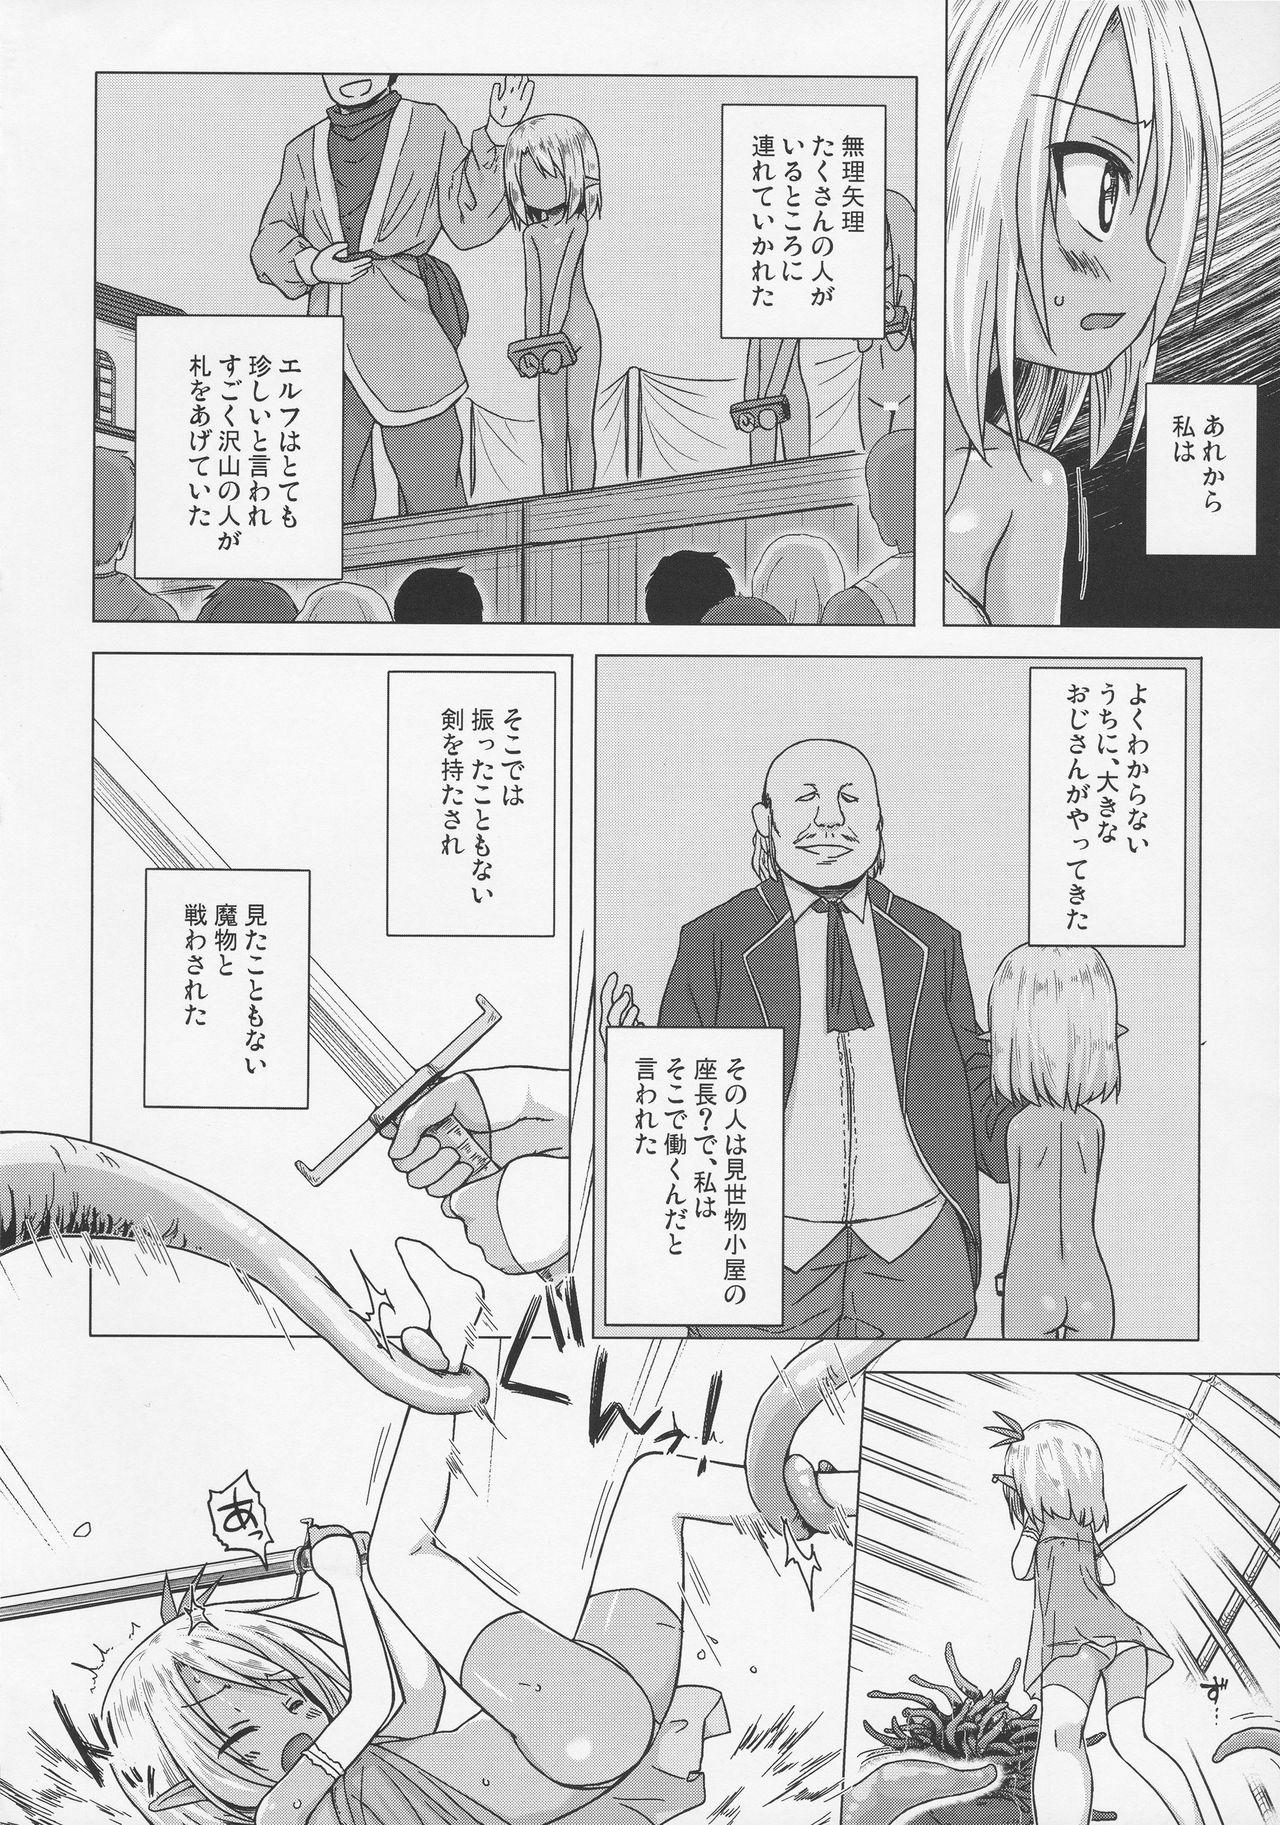 Namida no Hana no Saku Tokoro 2 2